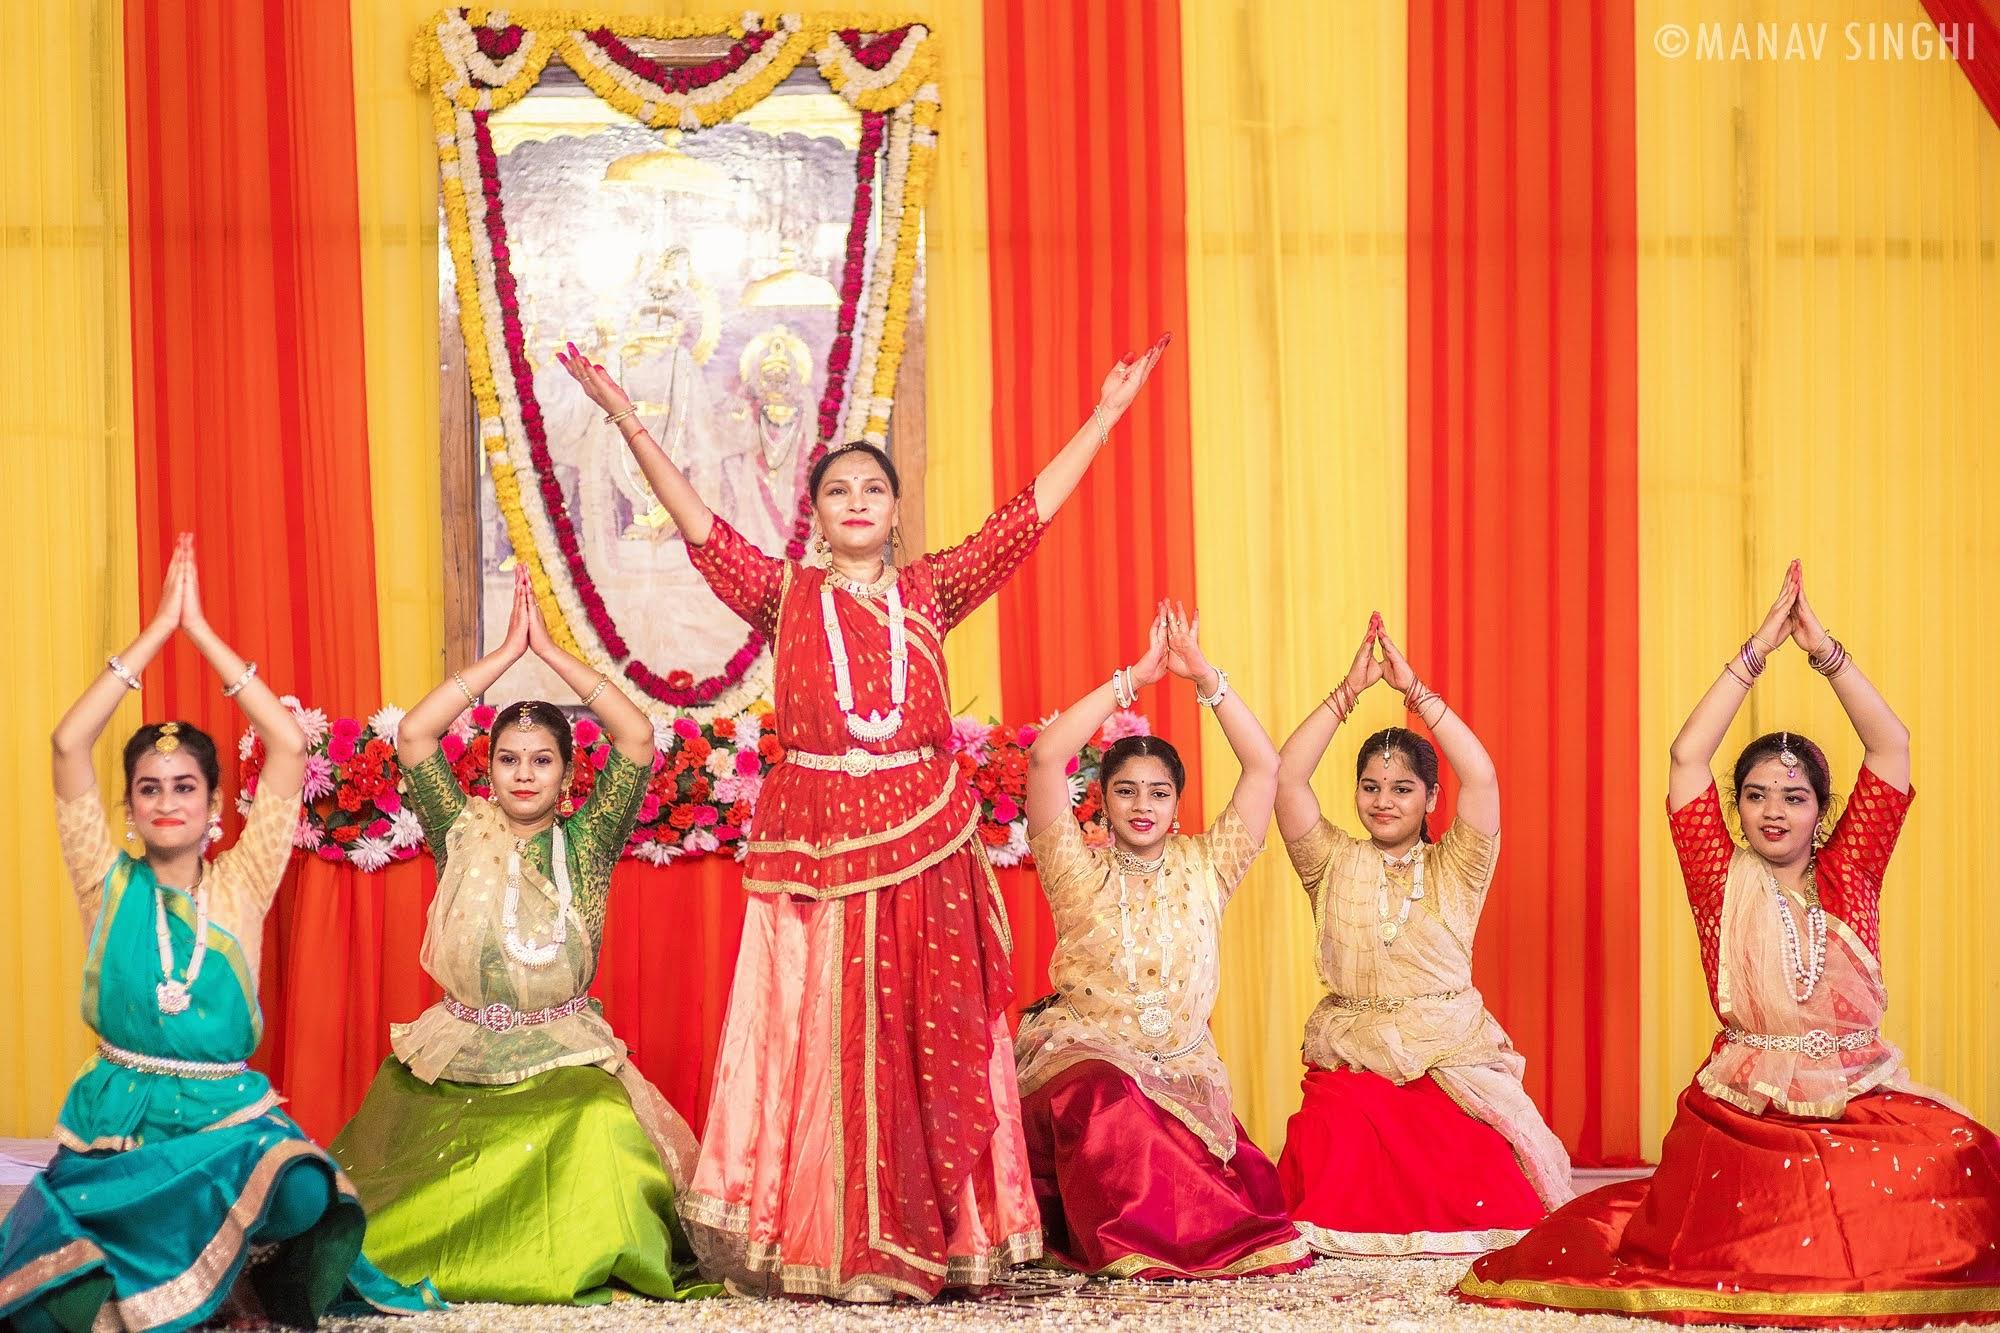 Kathak Guru Sangeeta Singhal at Fag Utsav - 2021 Govind DevJi, Jaipur.